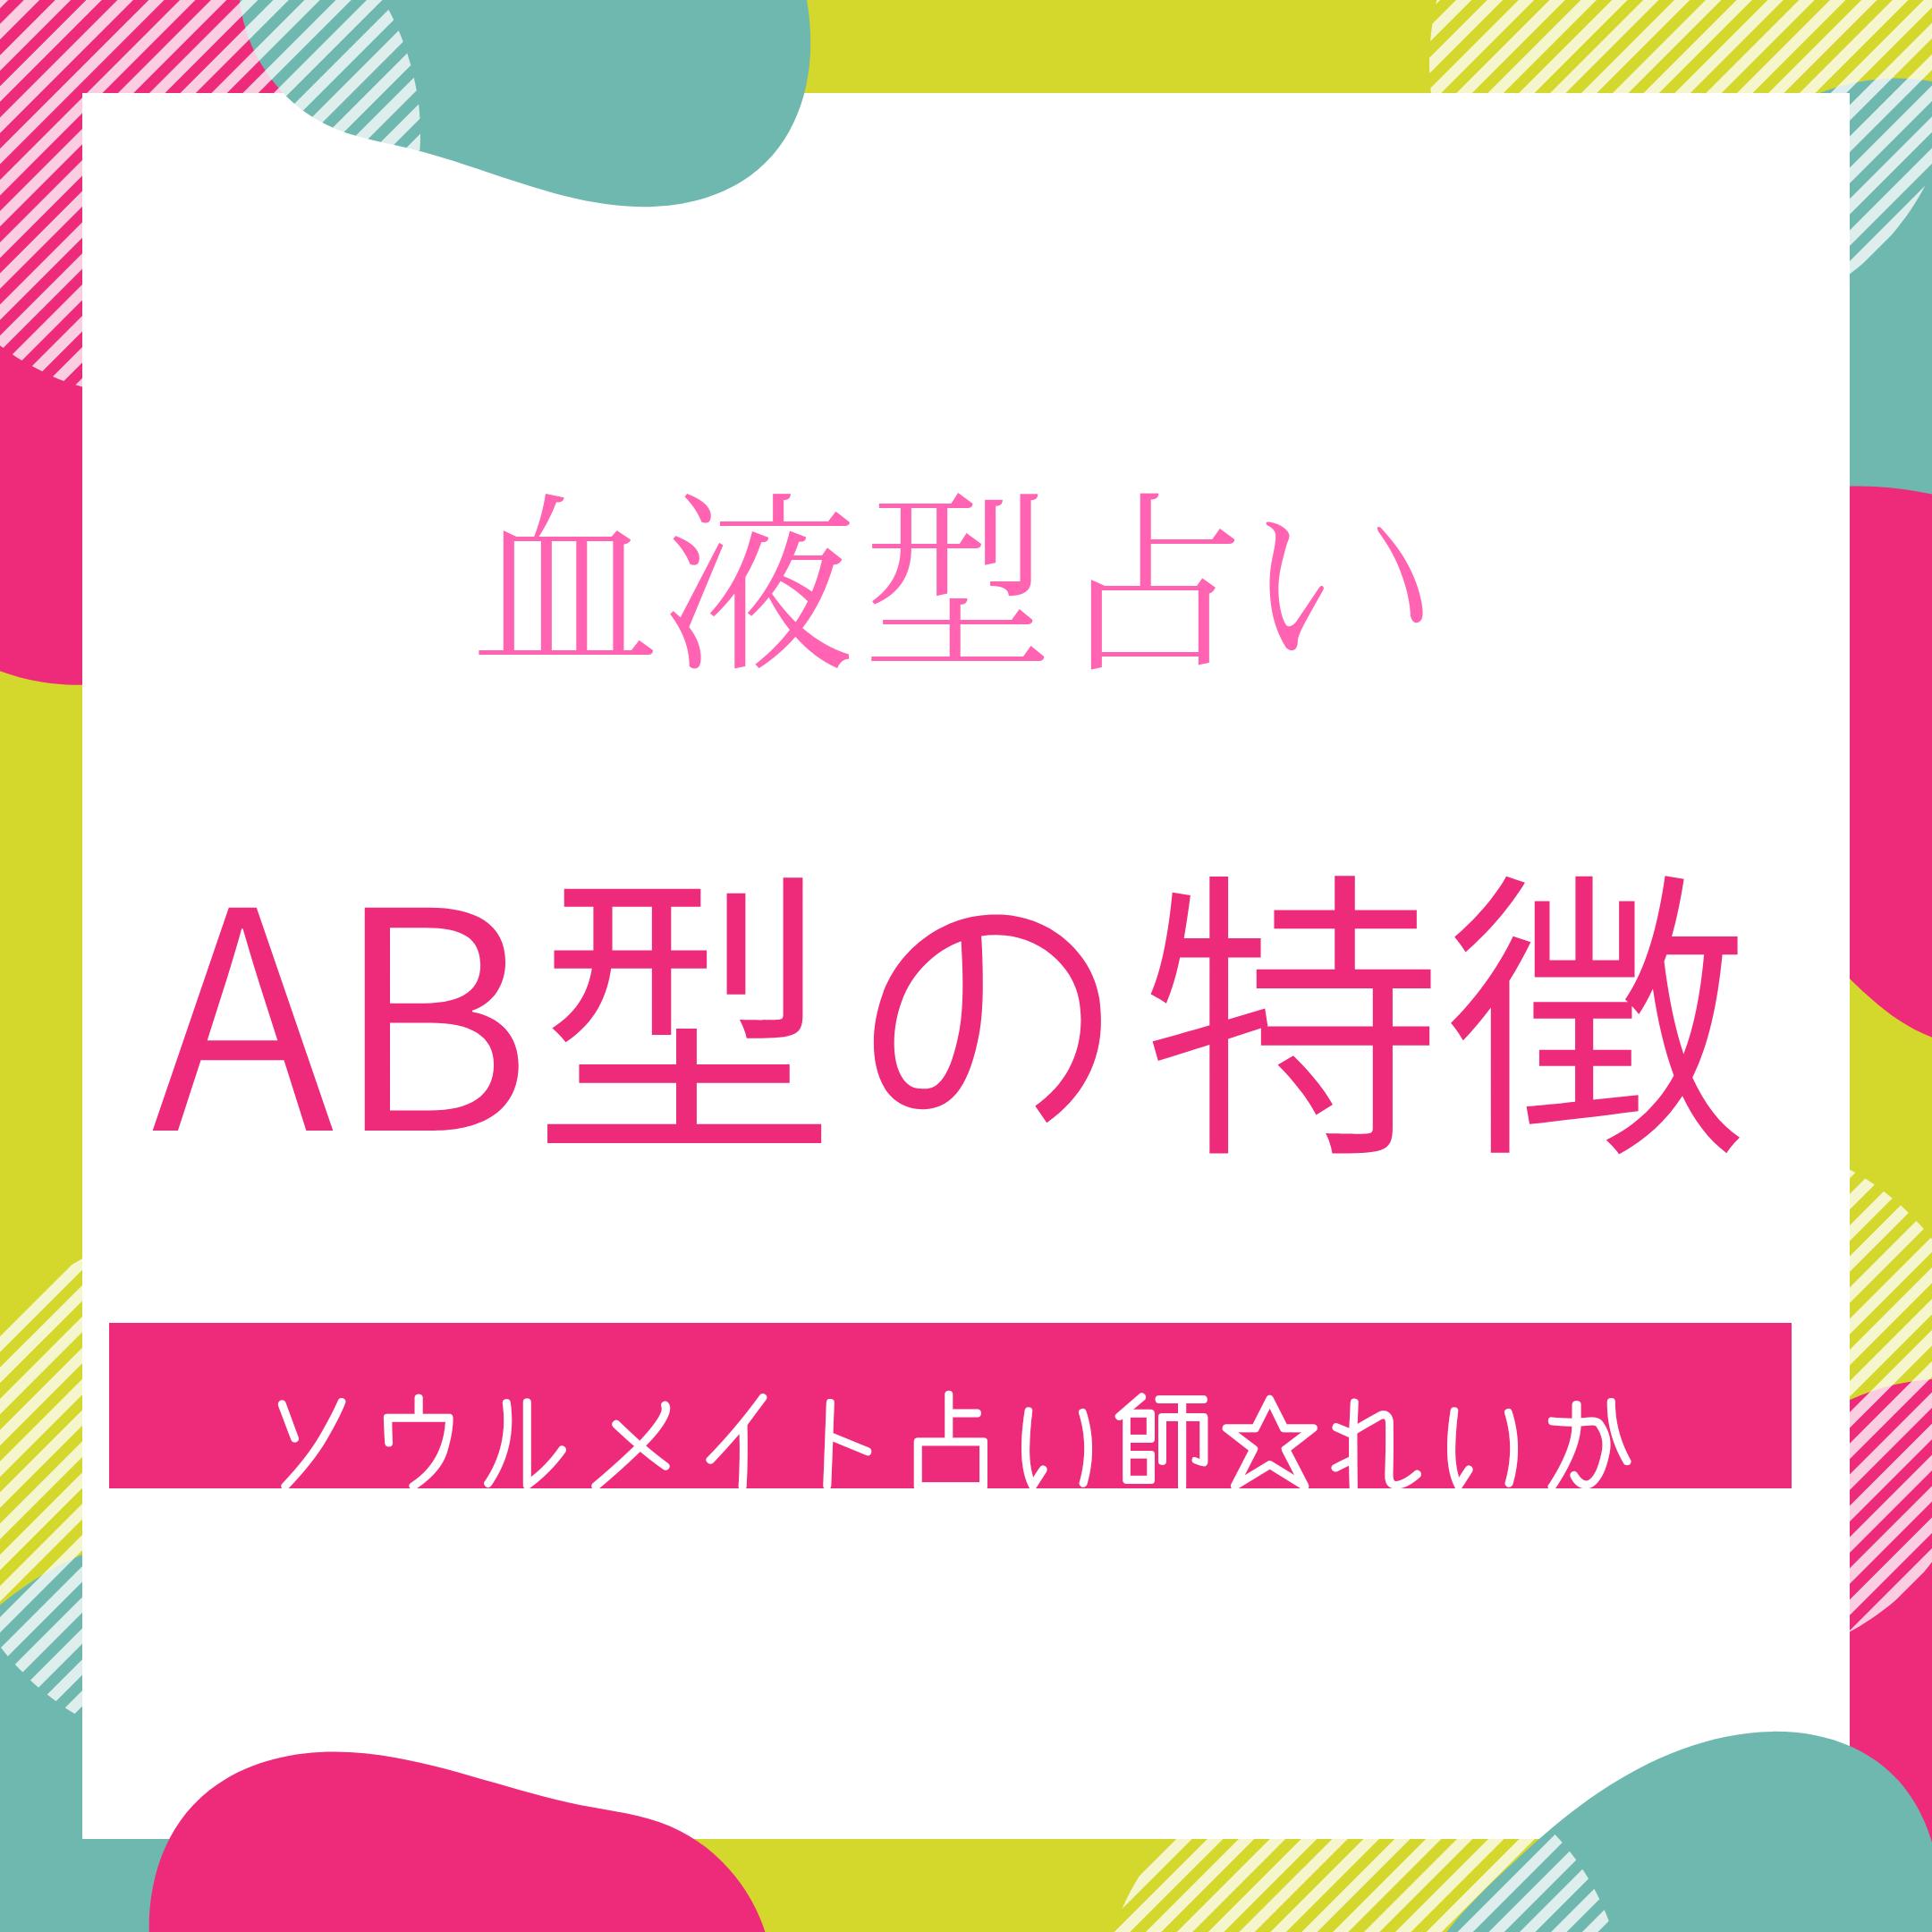 型 の 特徴 Ab